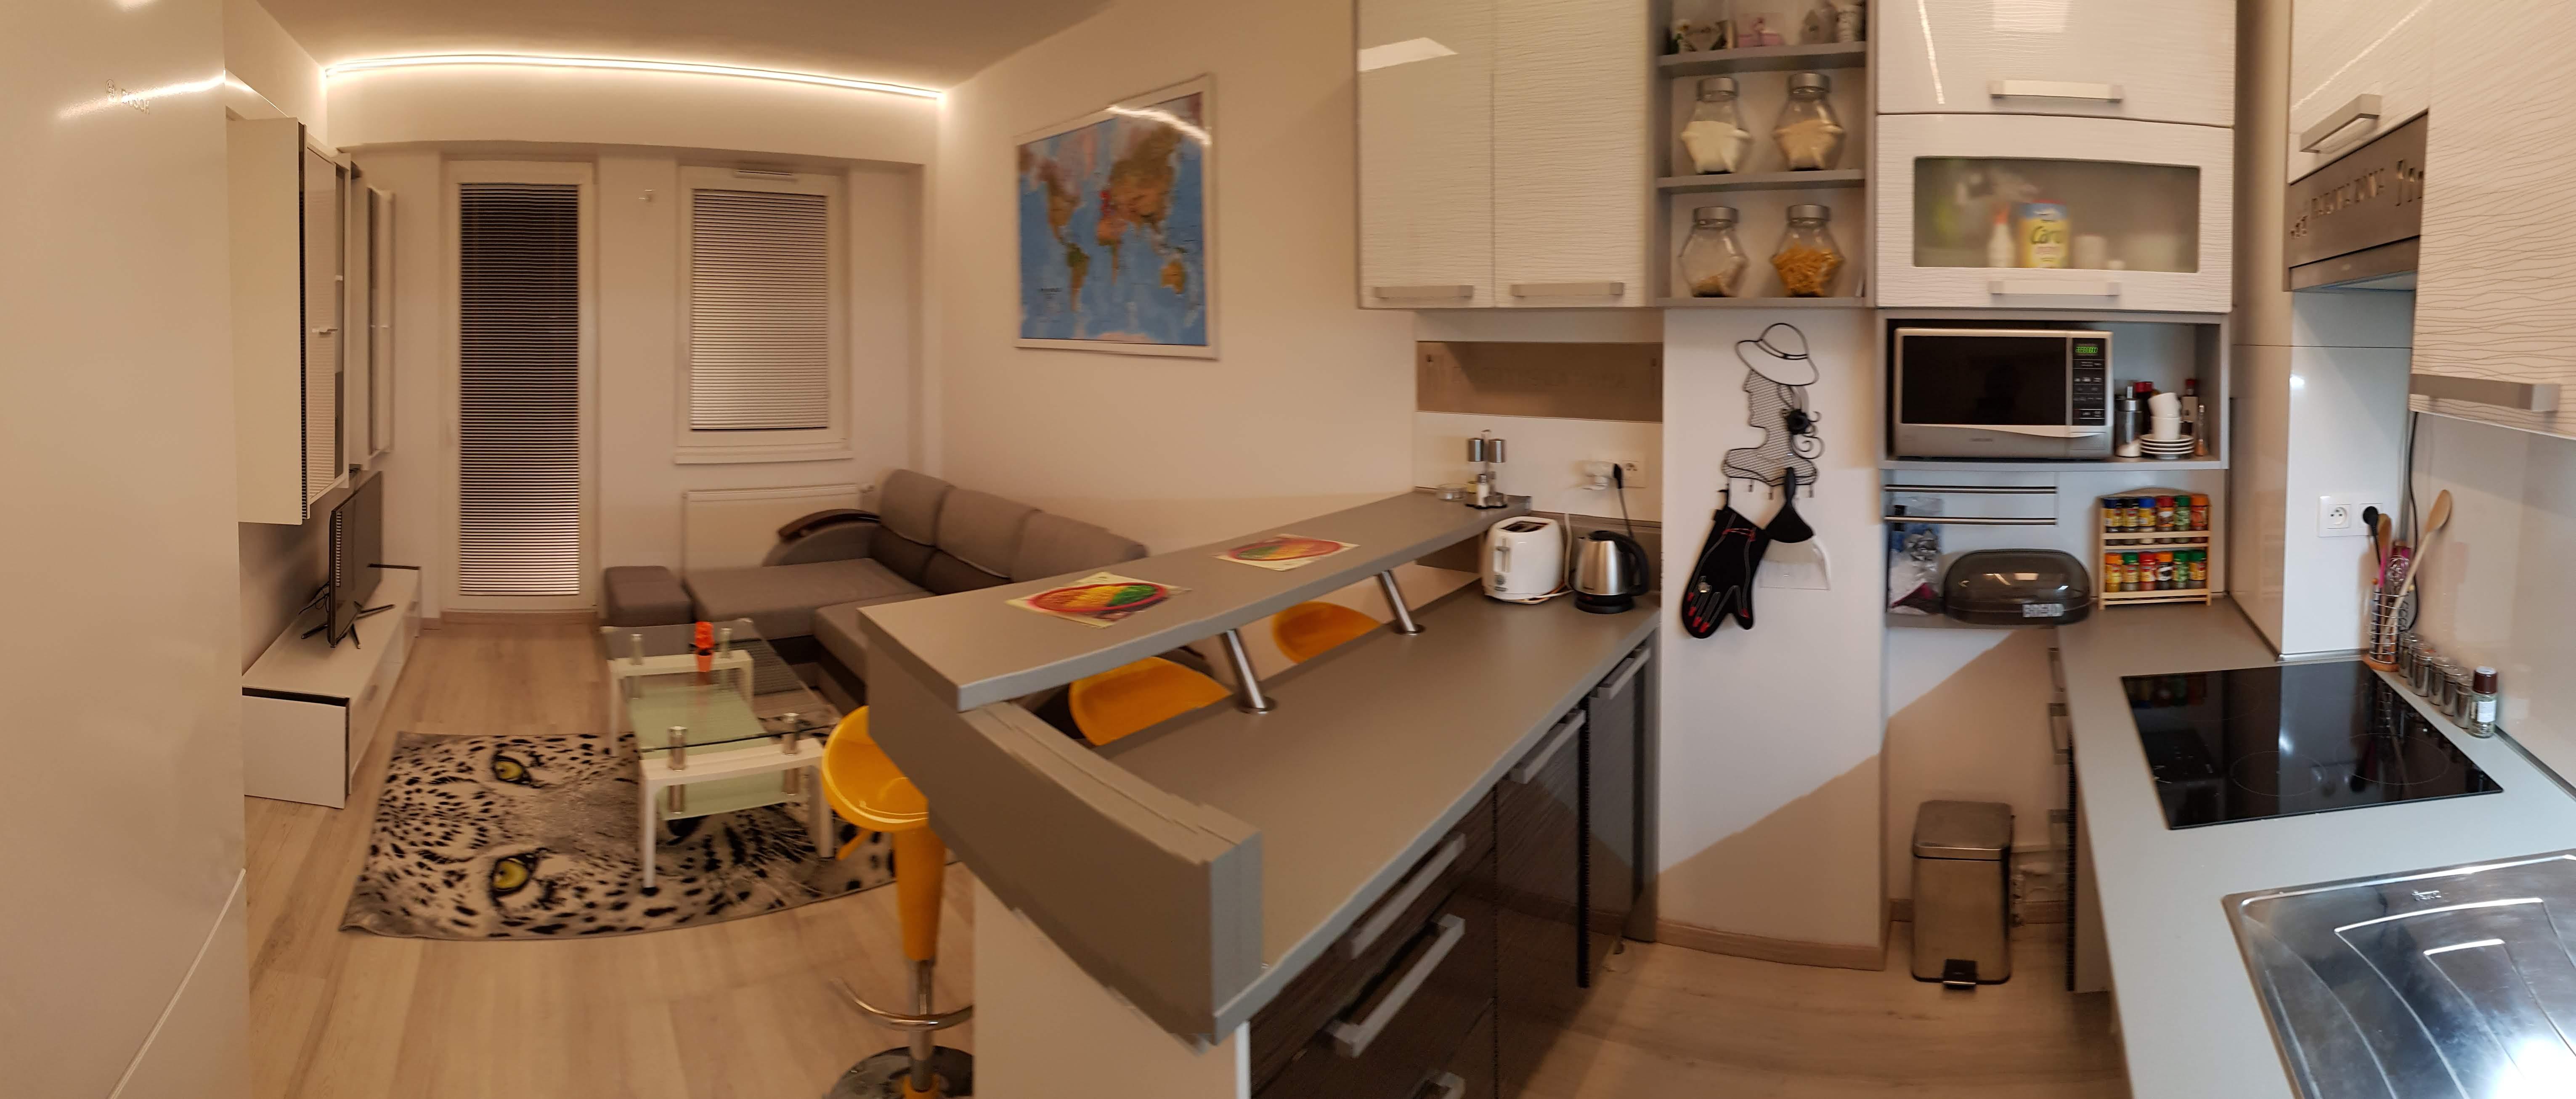 Prenajaté: Prenájom 2 izb. byt, Dornyk, Ružinov-Trnávka, 34,51m2, Pri Avione-49